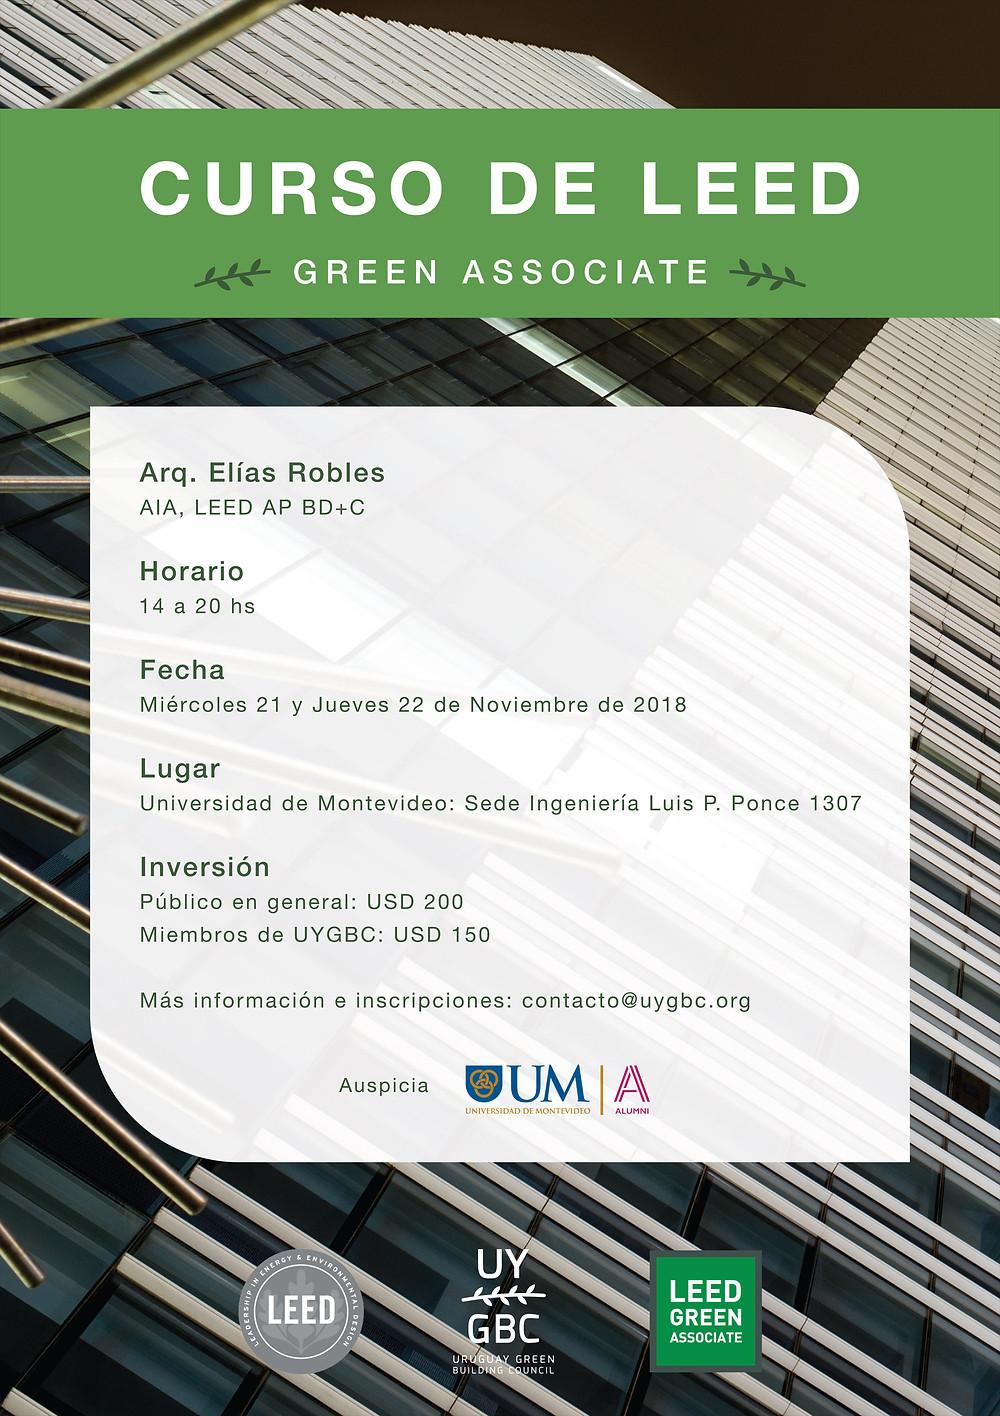 Curso de Leed - Green Associate - 2018